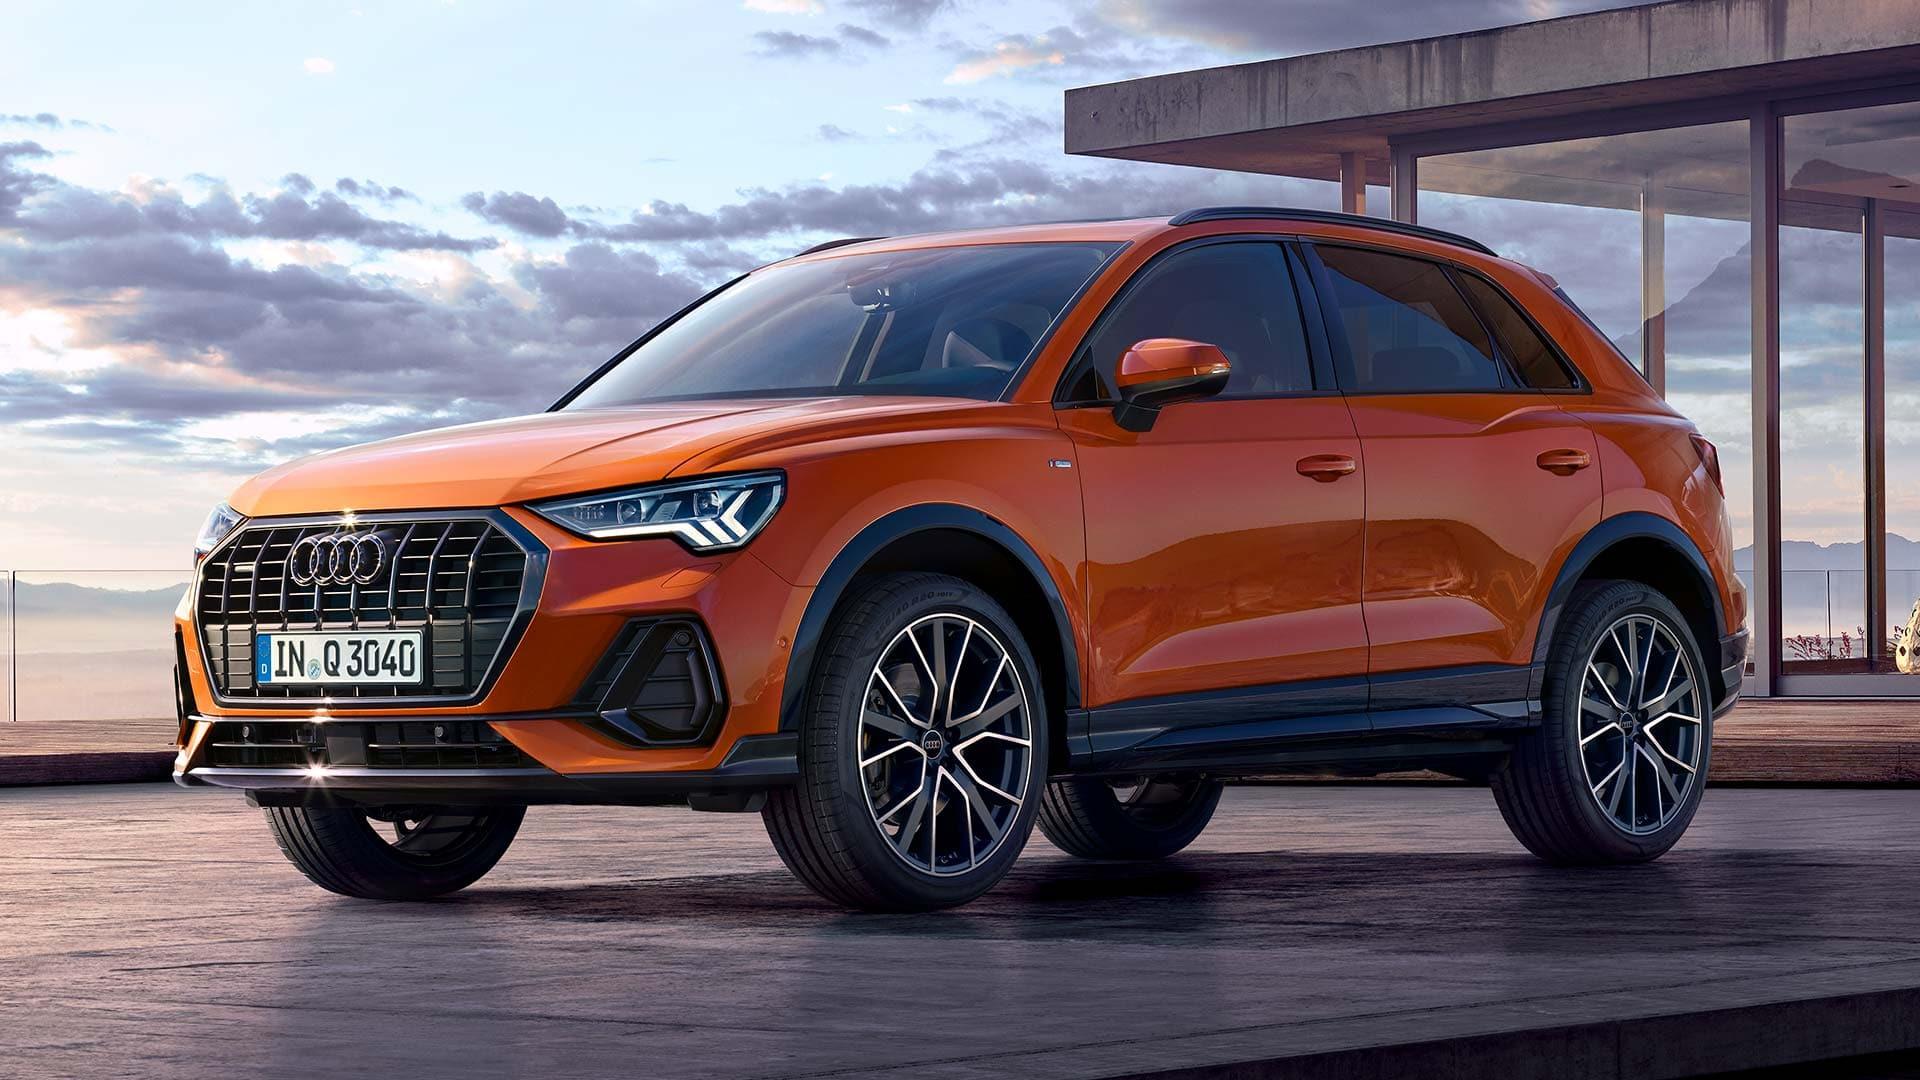 Kelebihan Suv Audi Perbandingan Harga